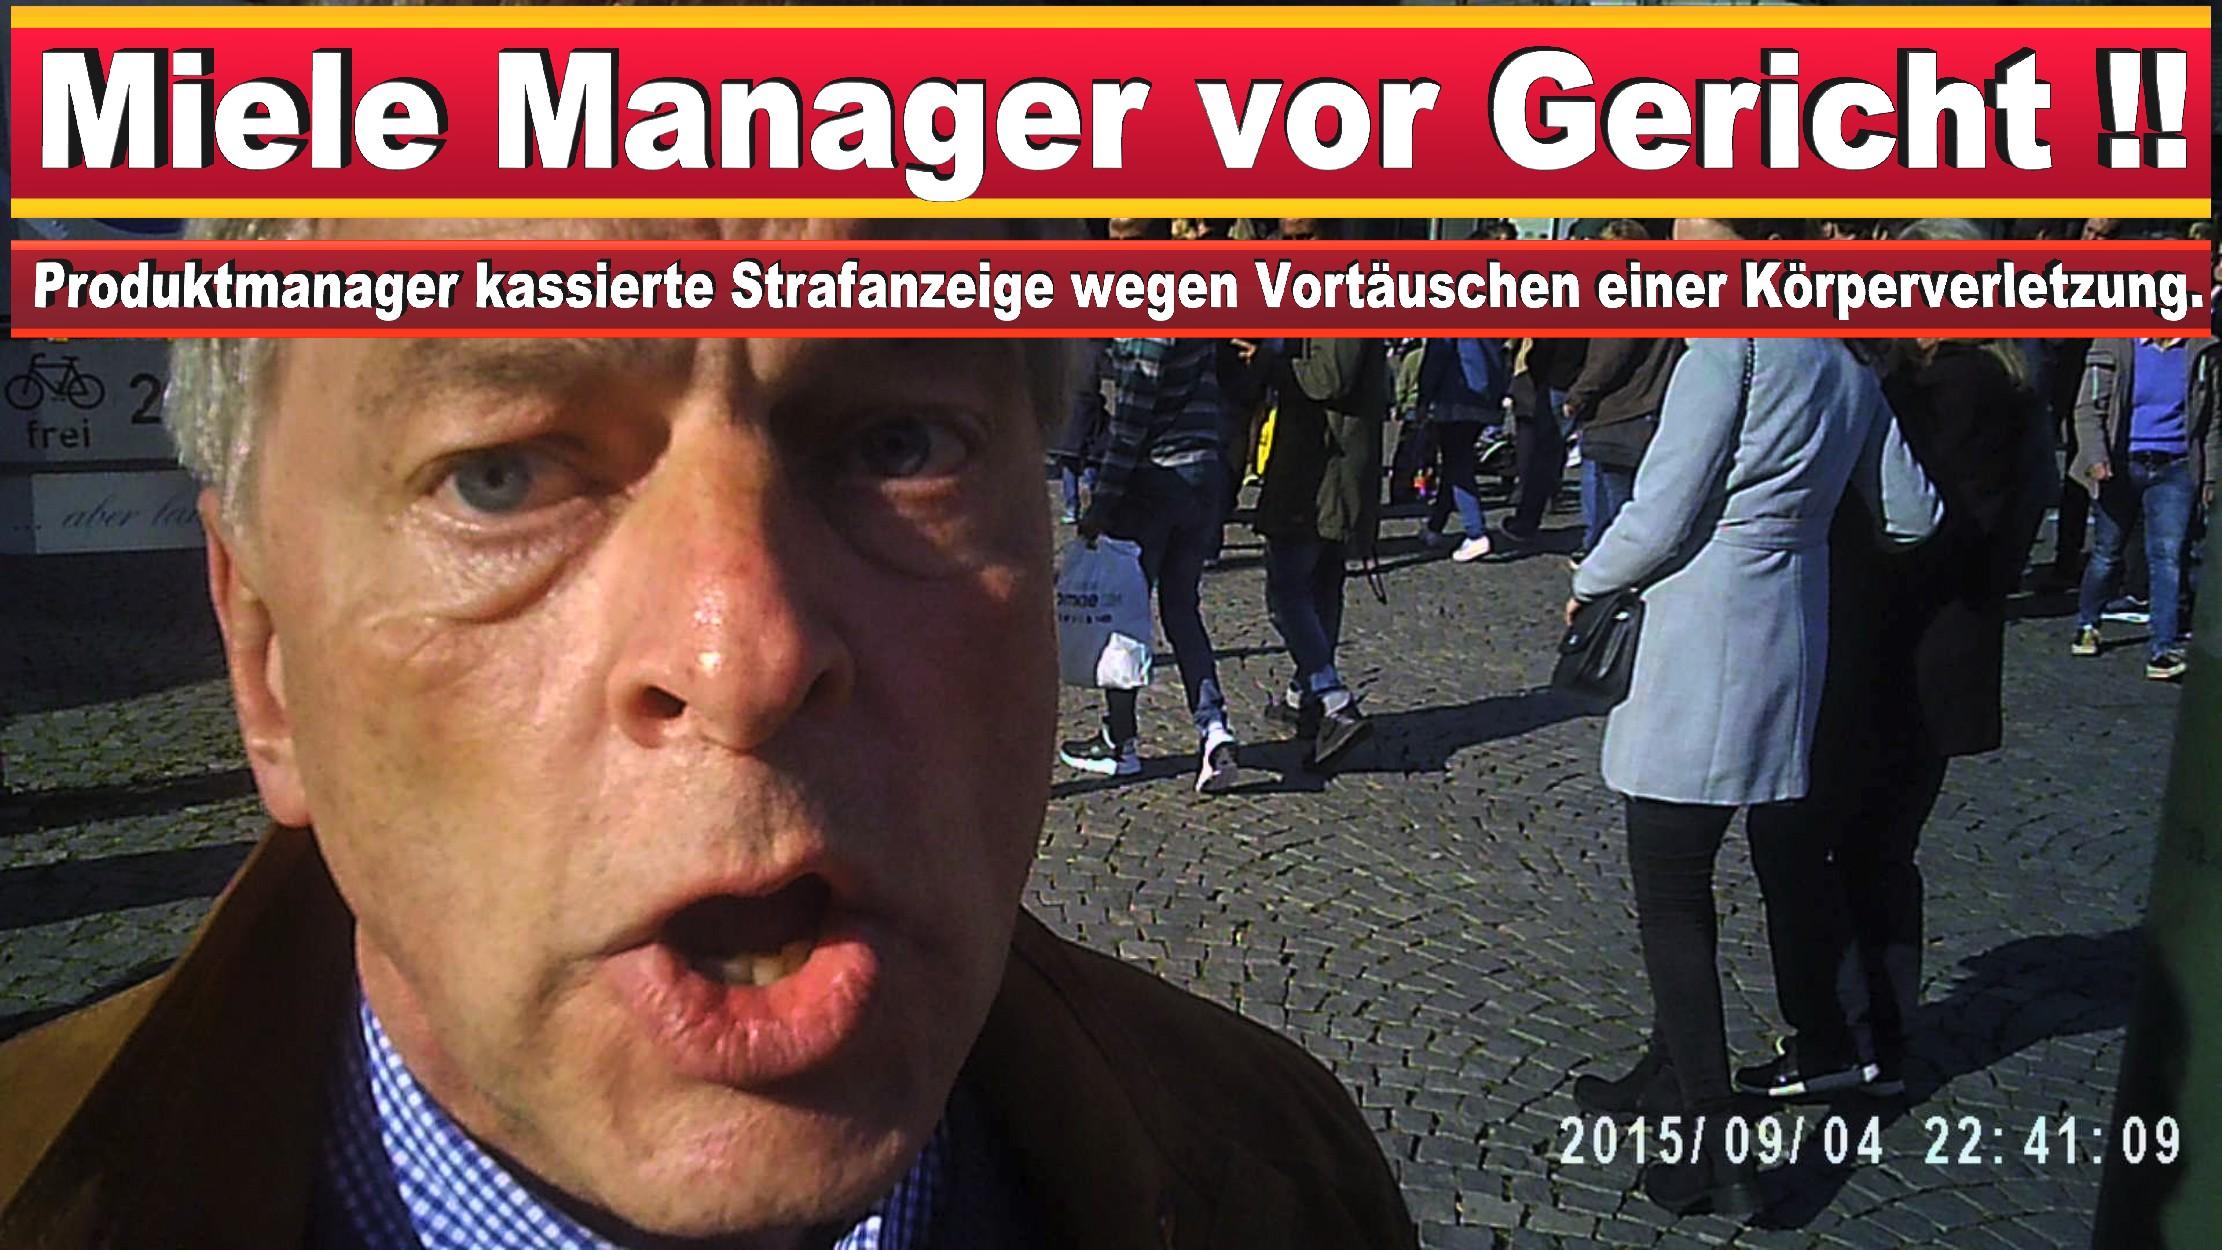 CDU BIELEFELD POLIZEIGEWALT GEWALTAUSBRUCH UND STRAFANZEIGE GEGEN EINEN JOURNALISTEN (13)